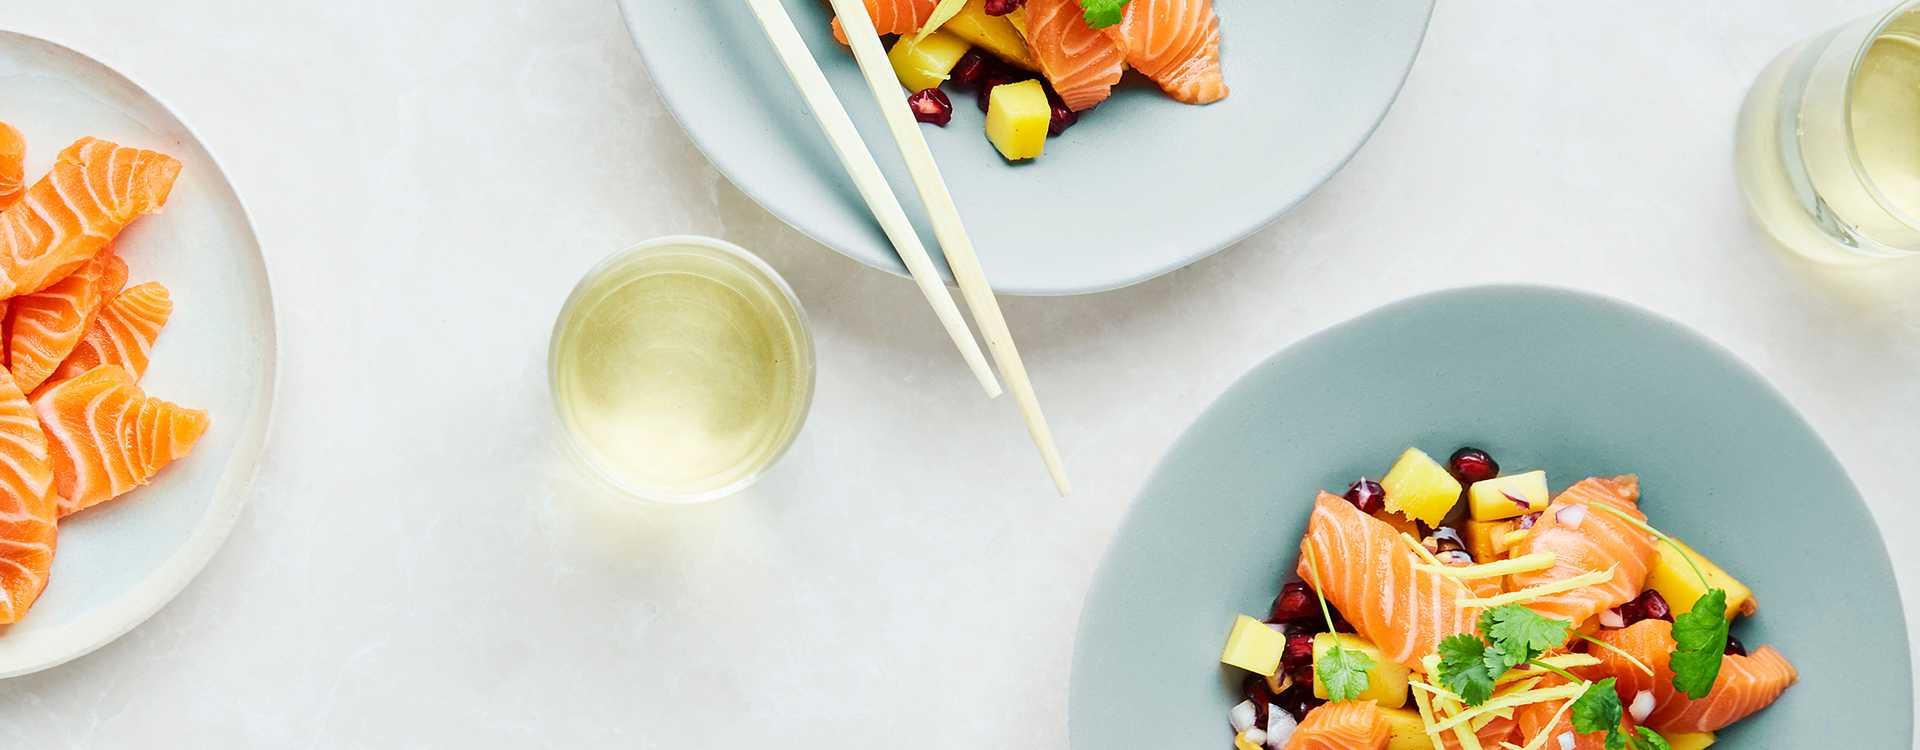 Sashimi med mango og granateple